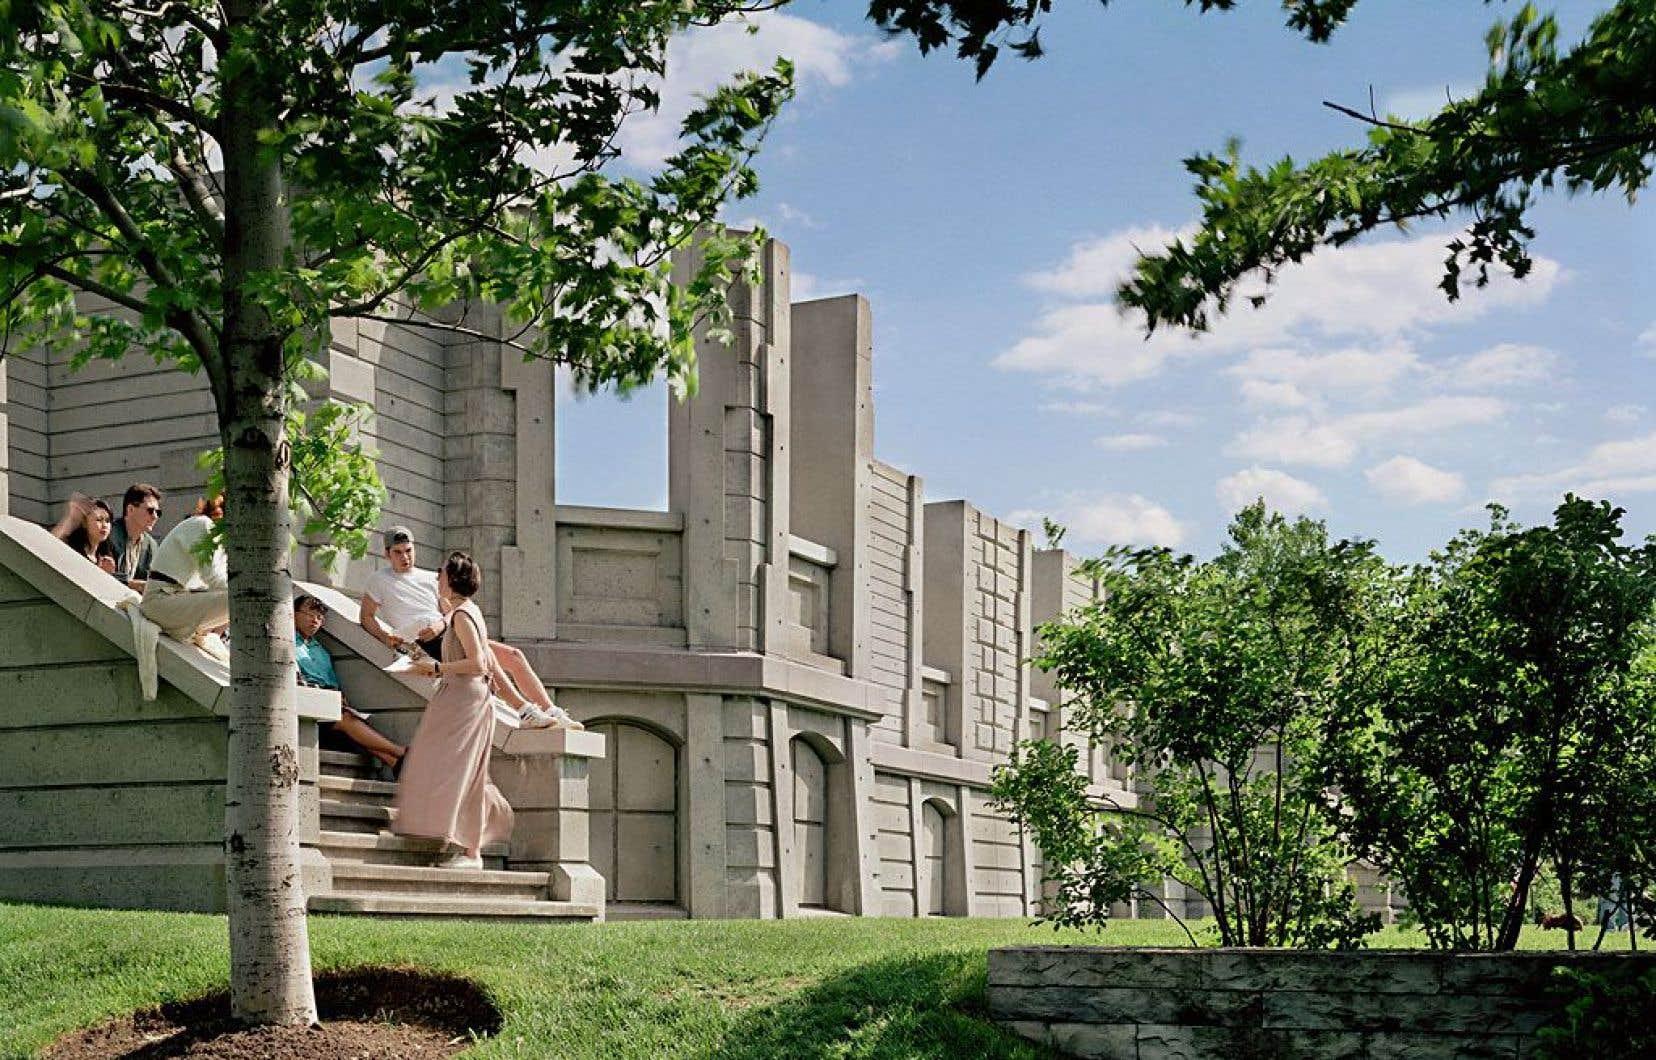 Vue du jardin du Centre canadien d'architecture